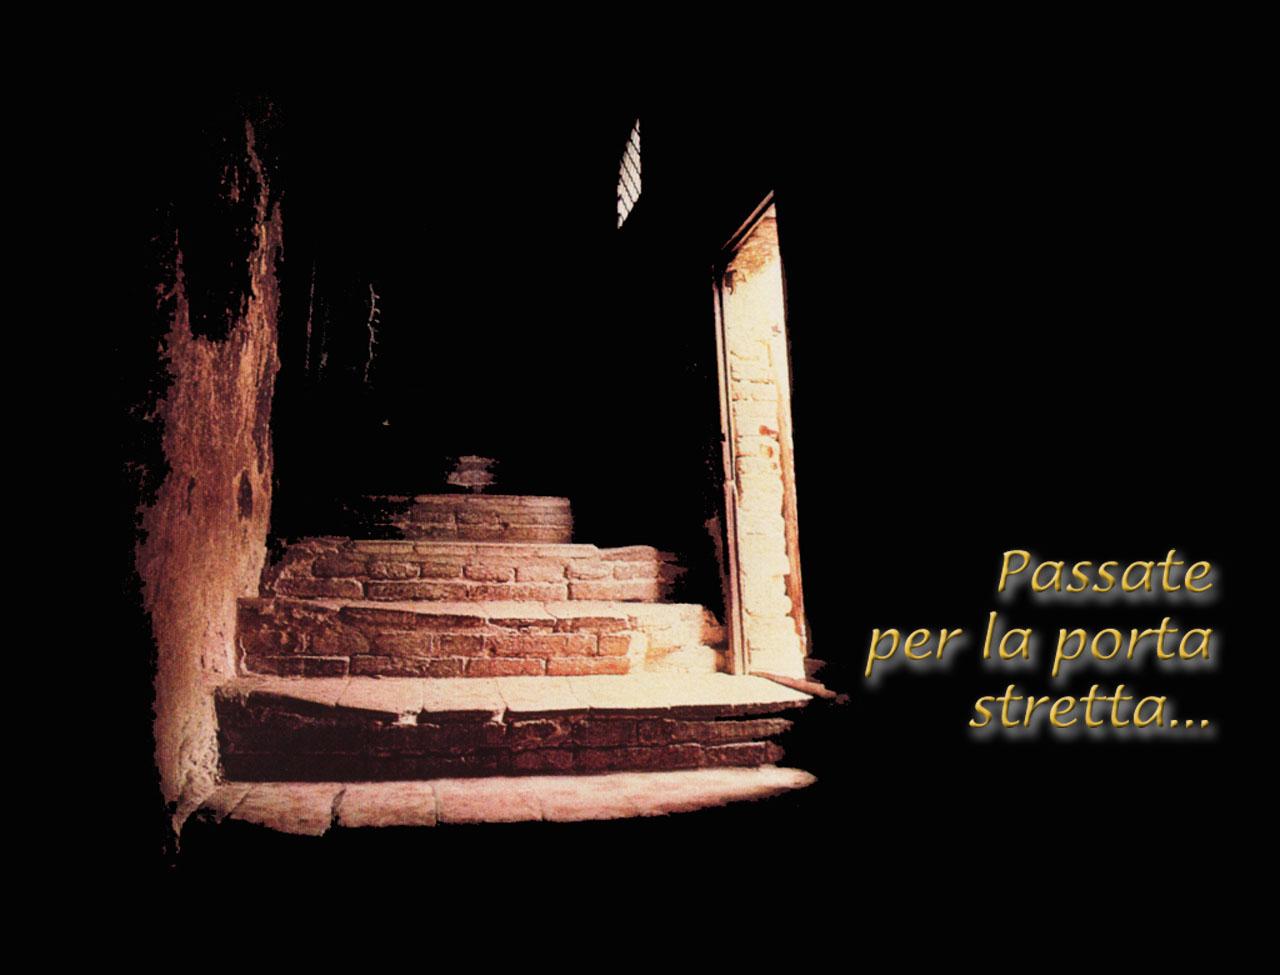 La porta stretta dans immagini sacre Porta-Stretta